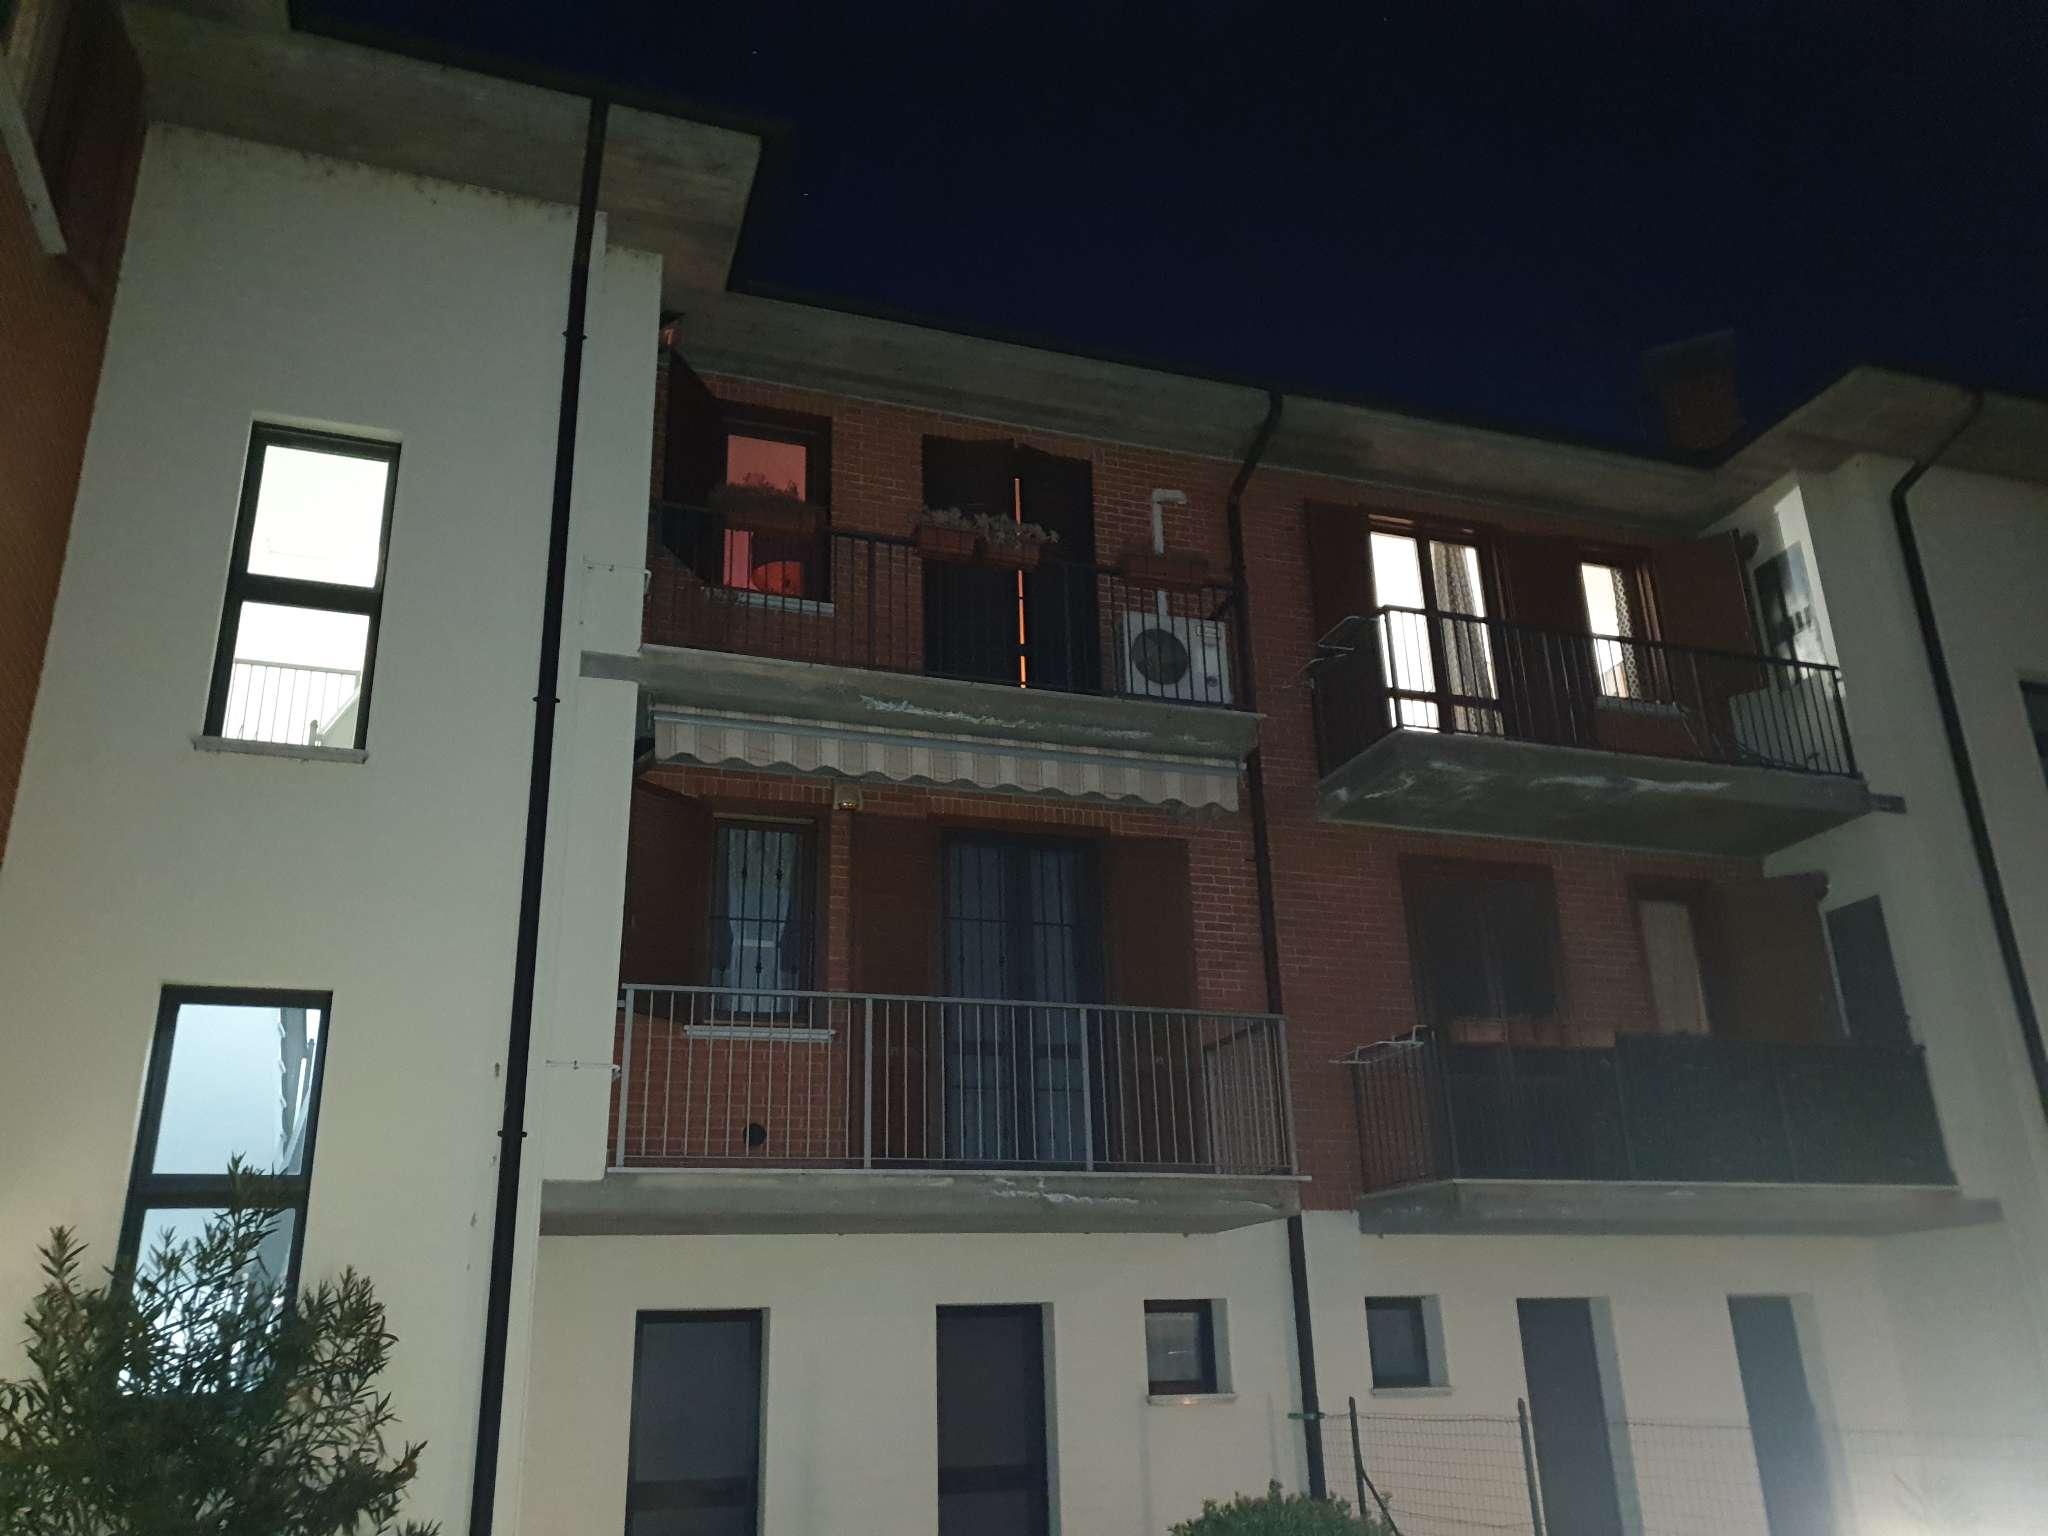 Appartamento in vendita a Pieve Emanuele, 3 locali, prezzo € 124.000 | PortaleAgenzieImmobiliari.it